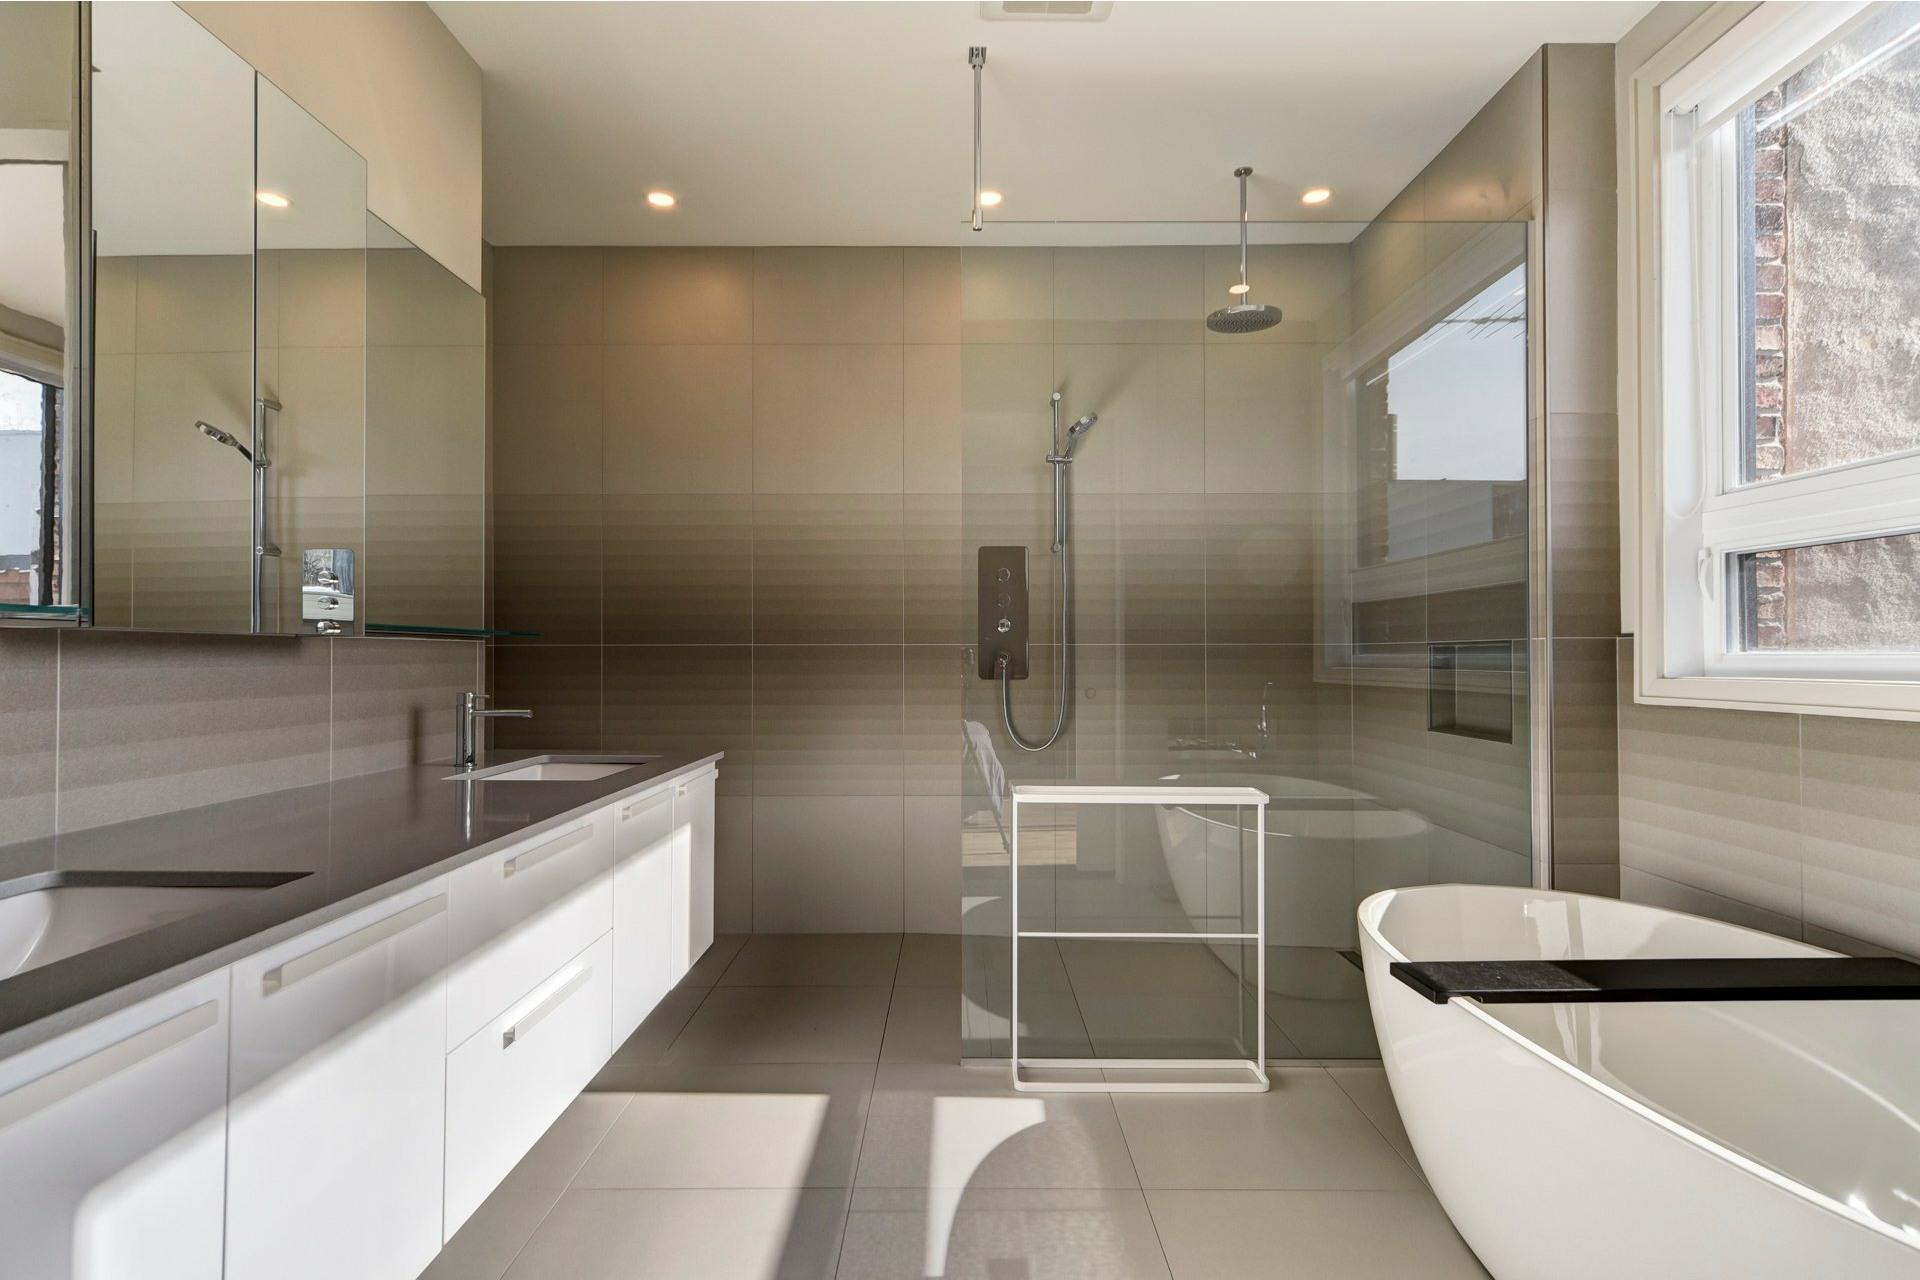 image 21 - Appartement À louer Côte-des-Neiges/Notre-Dame-de-Grâce Montréal  - 10 pièces